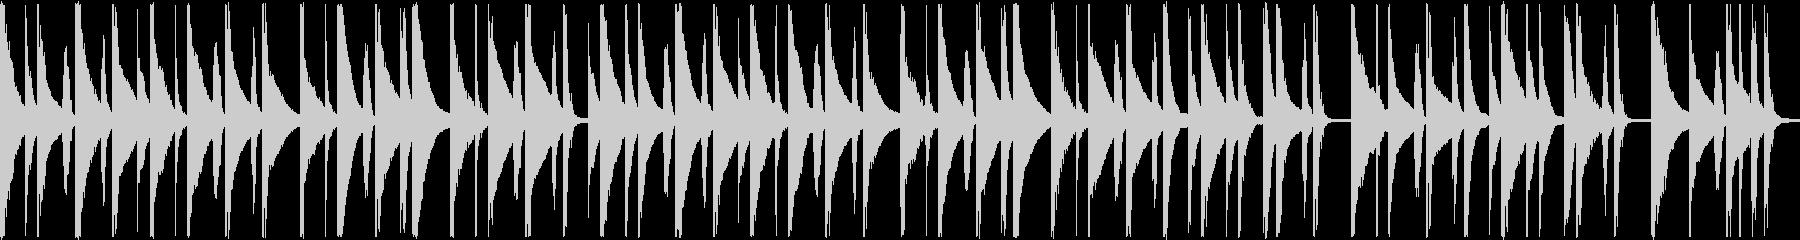 ほのぼの系マリンバショートループBGMの未再生の波形